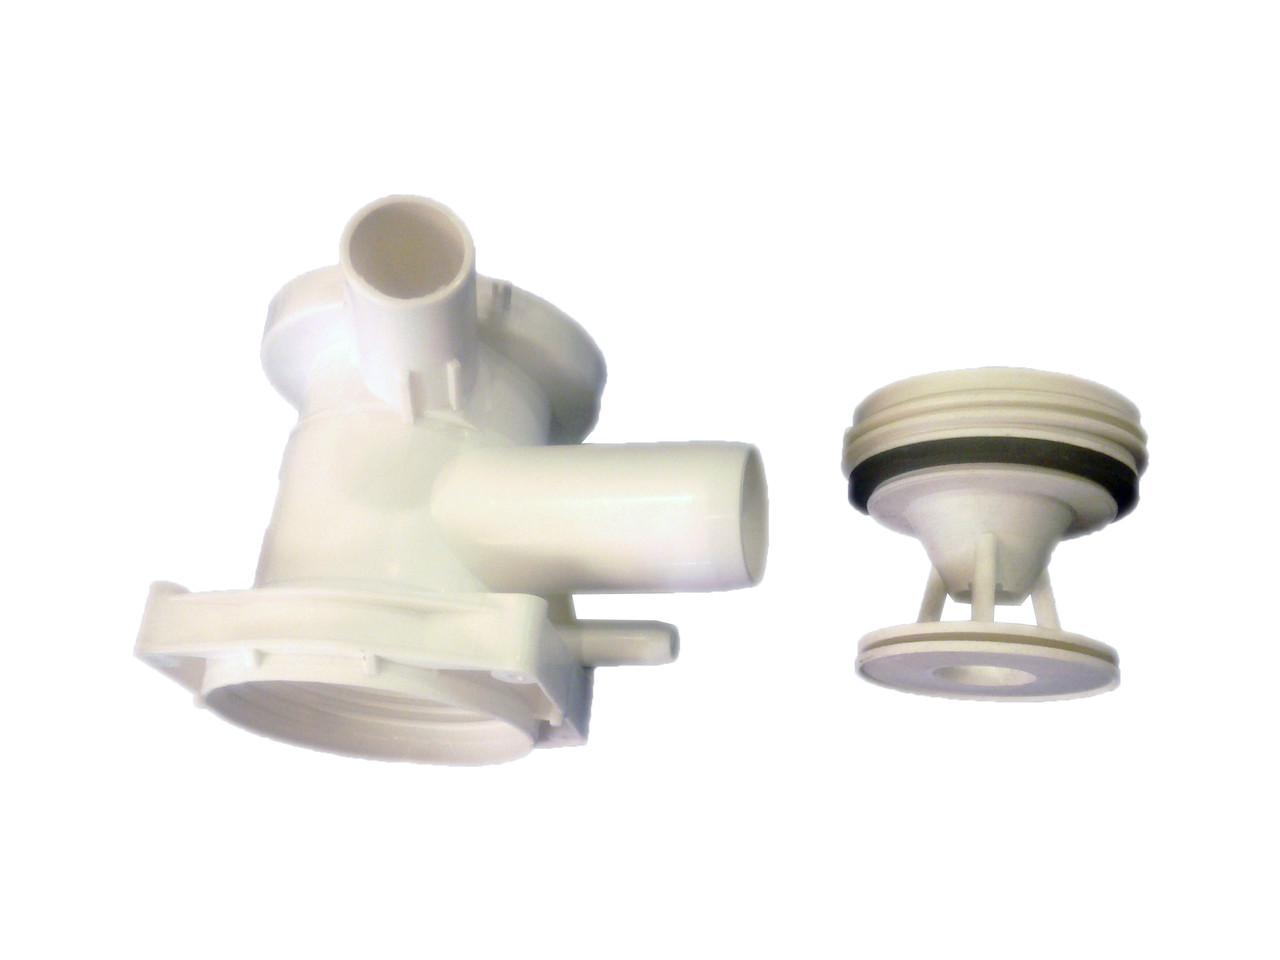 Фільтр помпи (насоса) Siemens, Bosch 15130 з корпусом